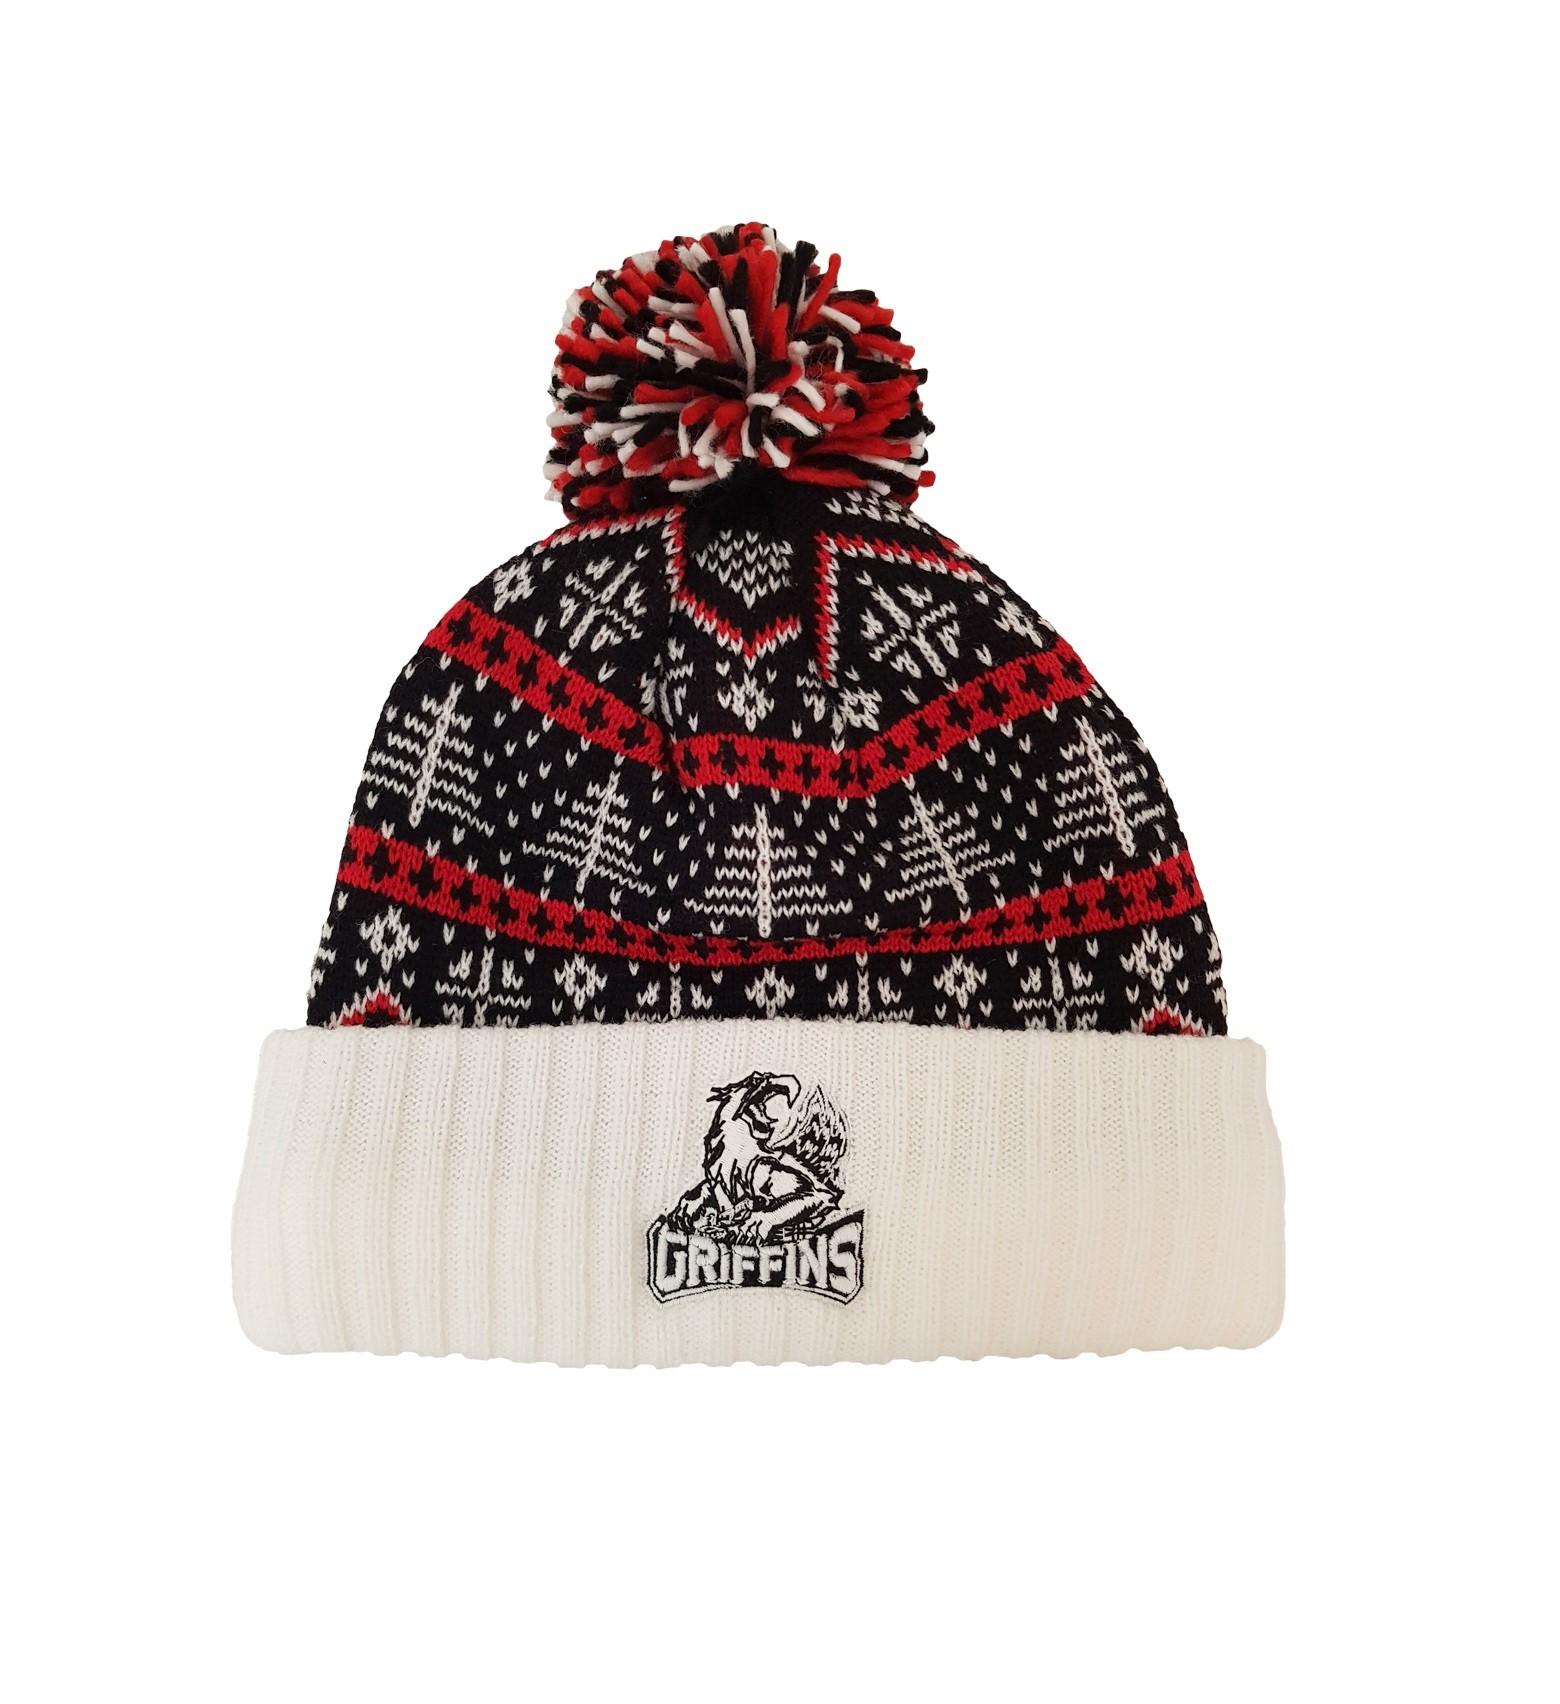 CCM Griffins Winter Hat C3953